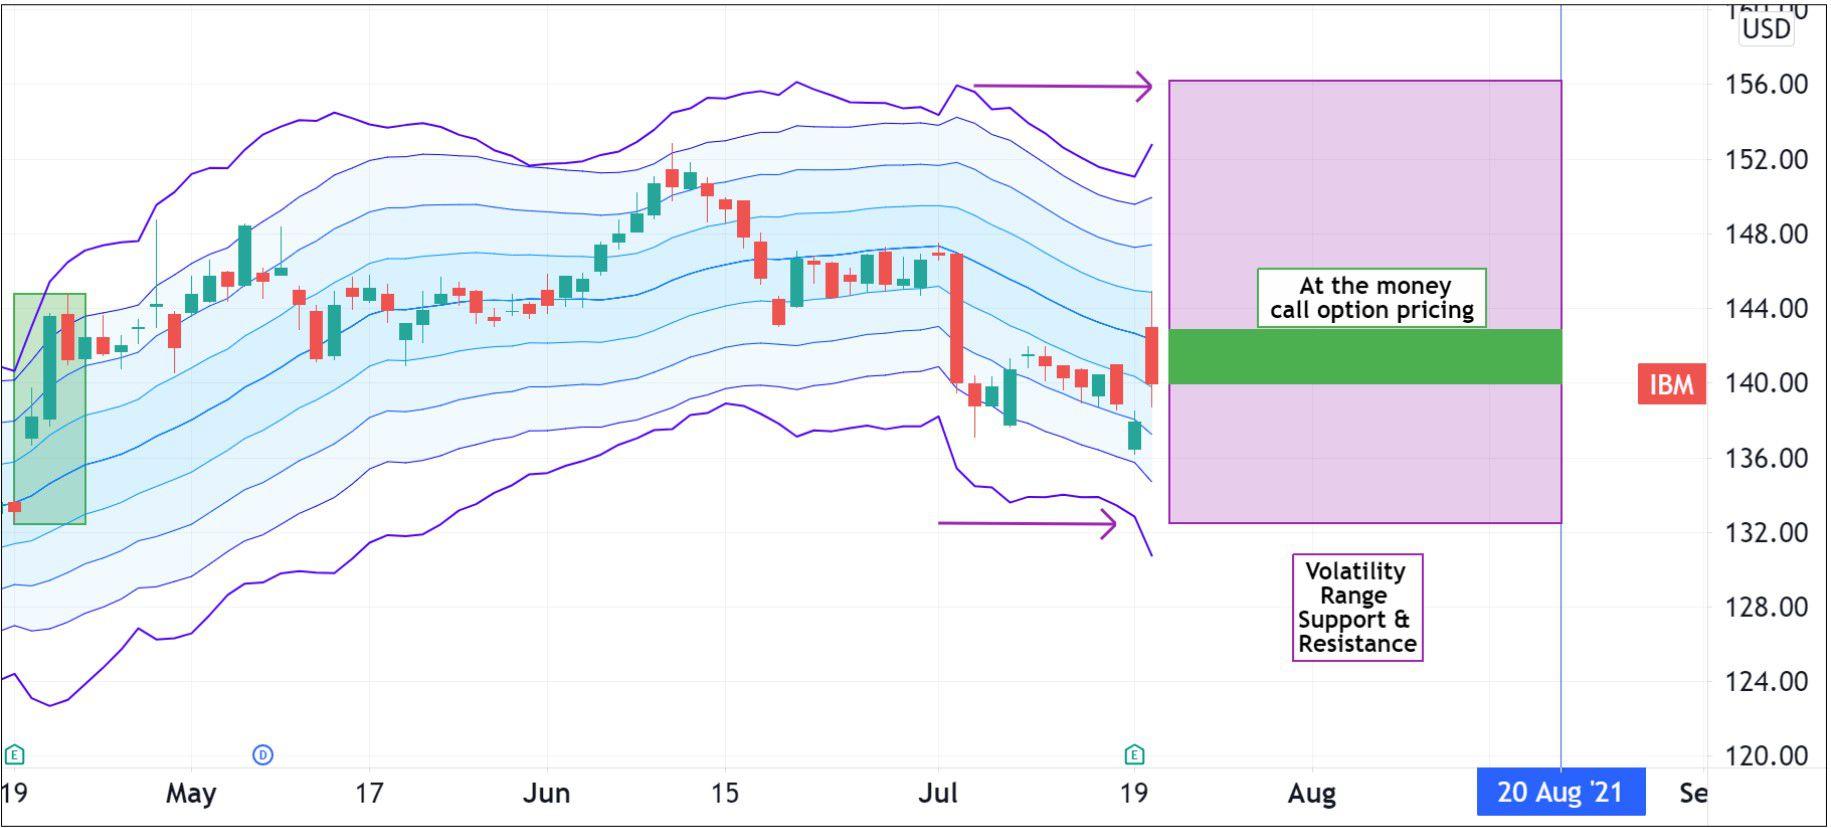 Volatility pattern for IBM